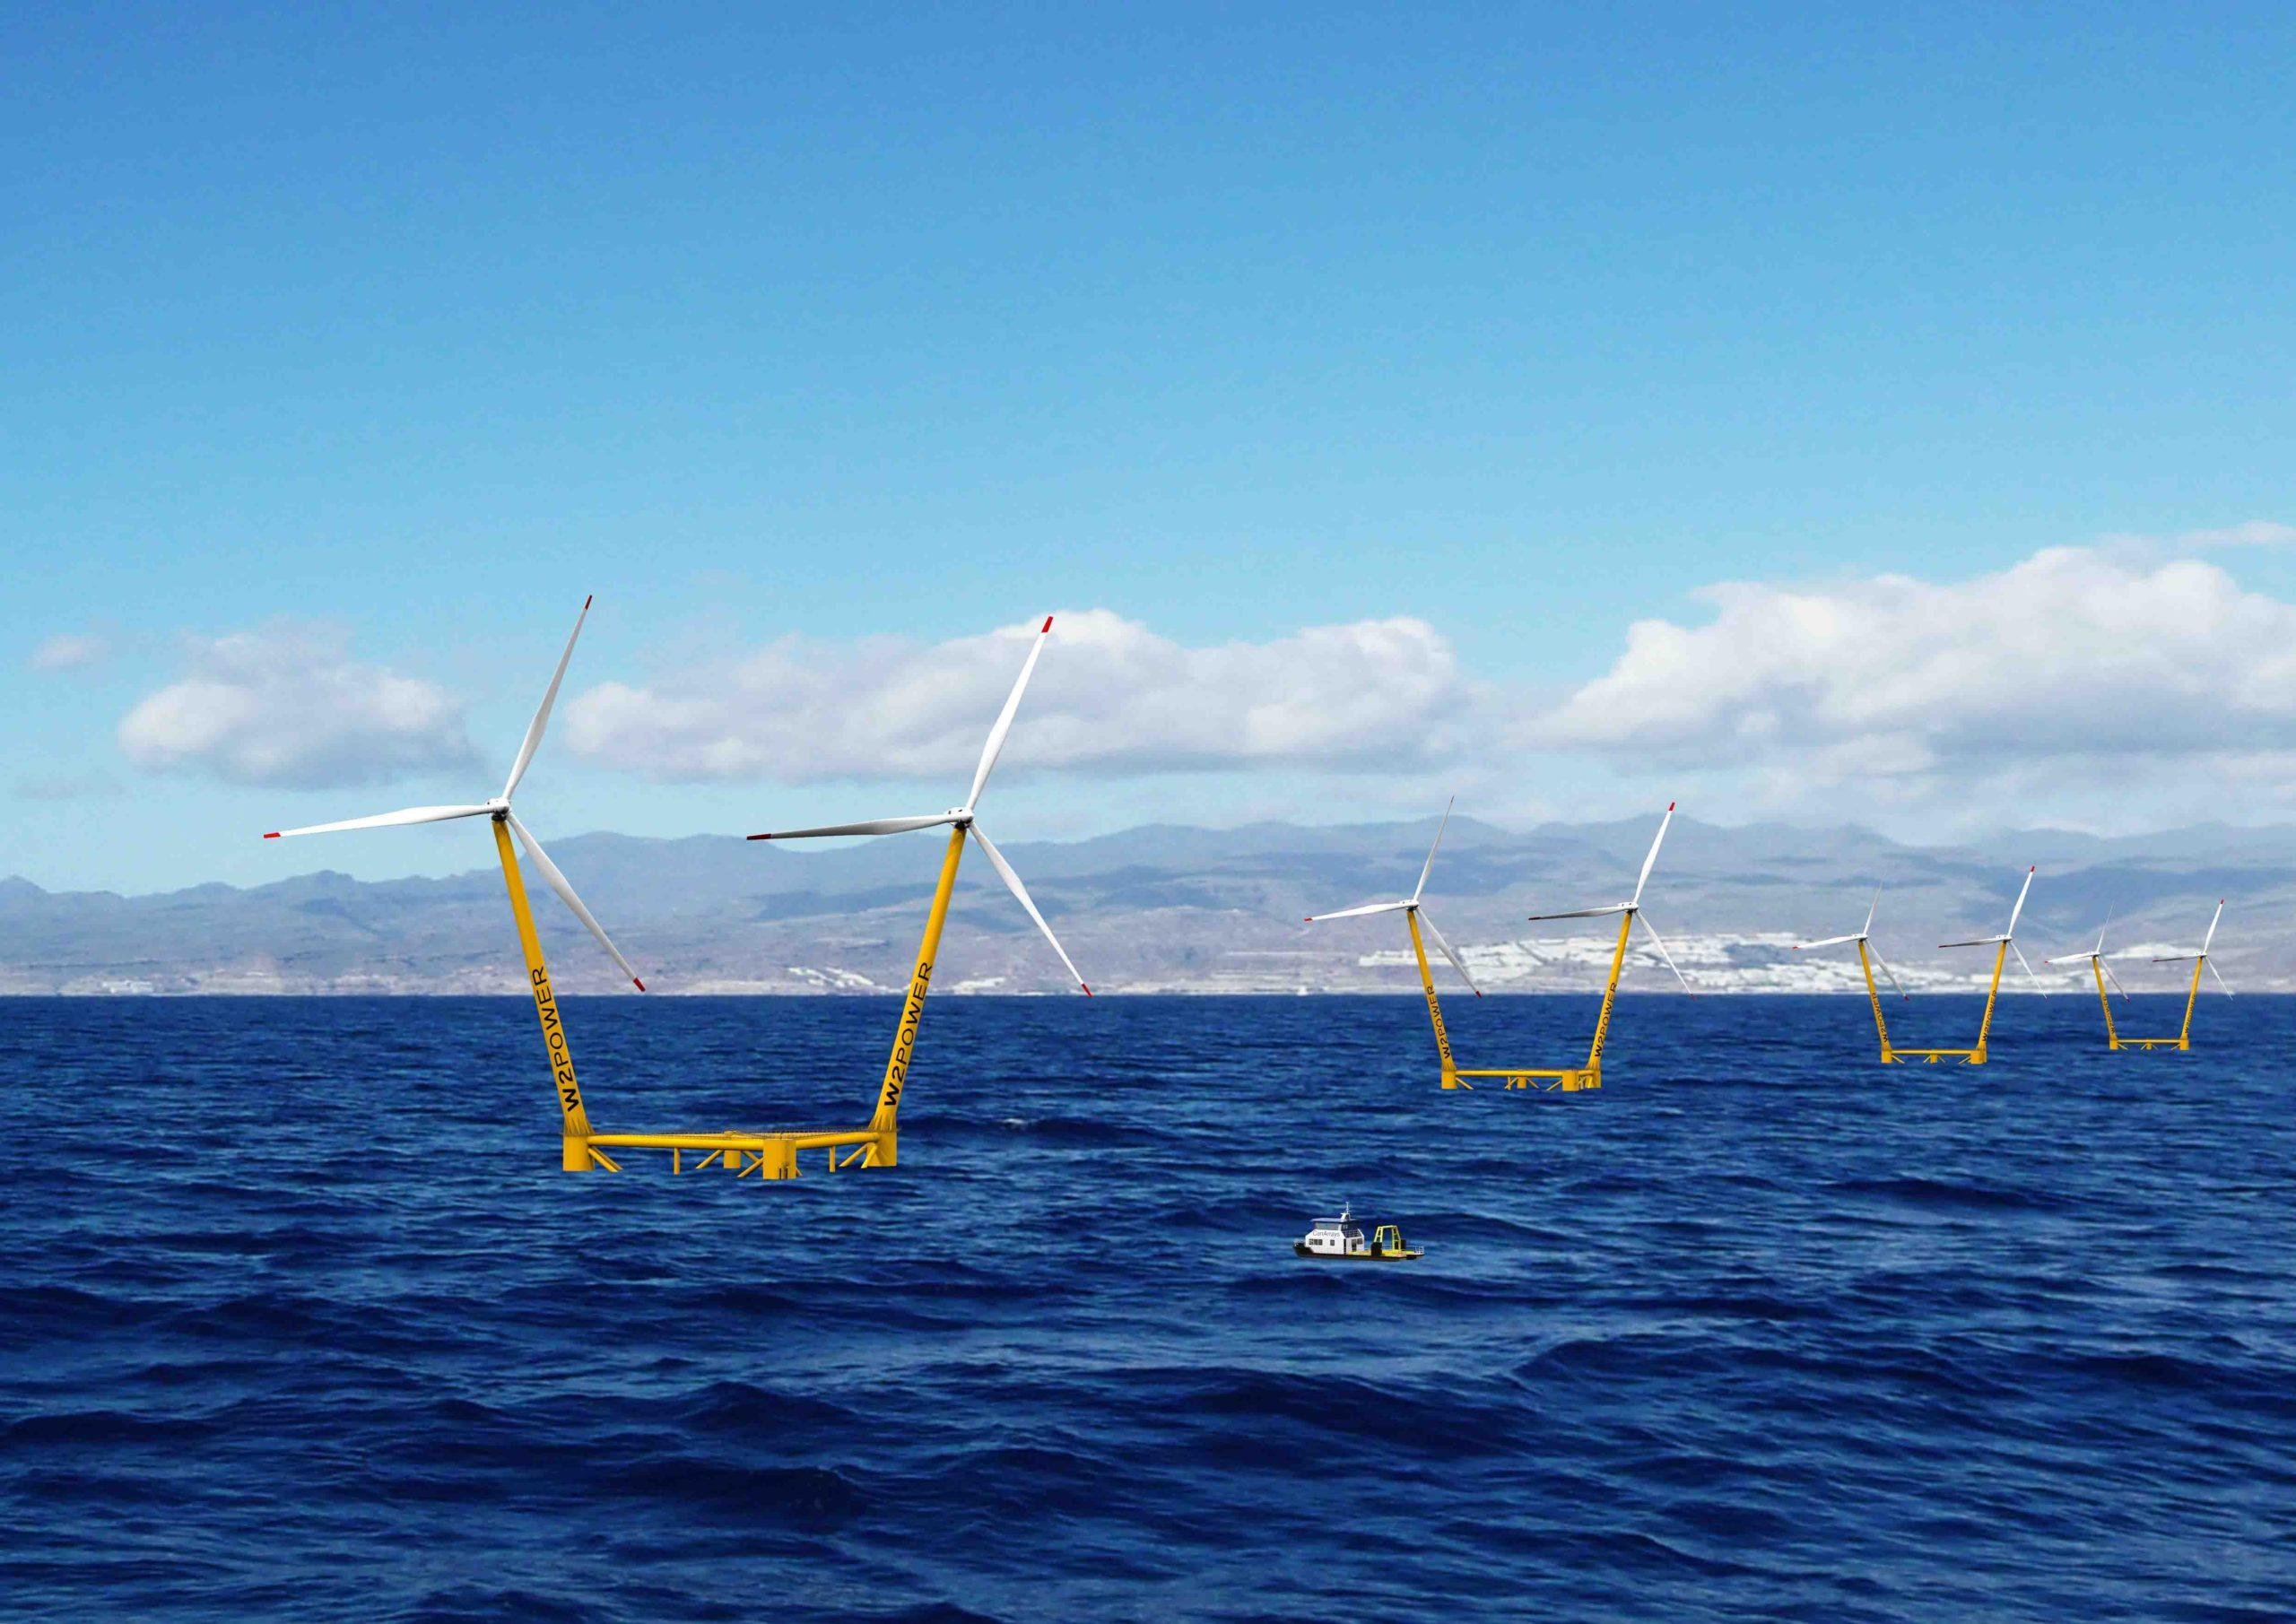 Enerocean lanza dos proyectos de 180MW de eólica marina flotante con la plataforma W2Power en Gran Canaria